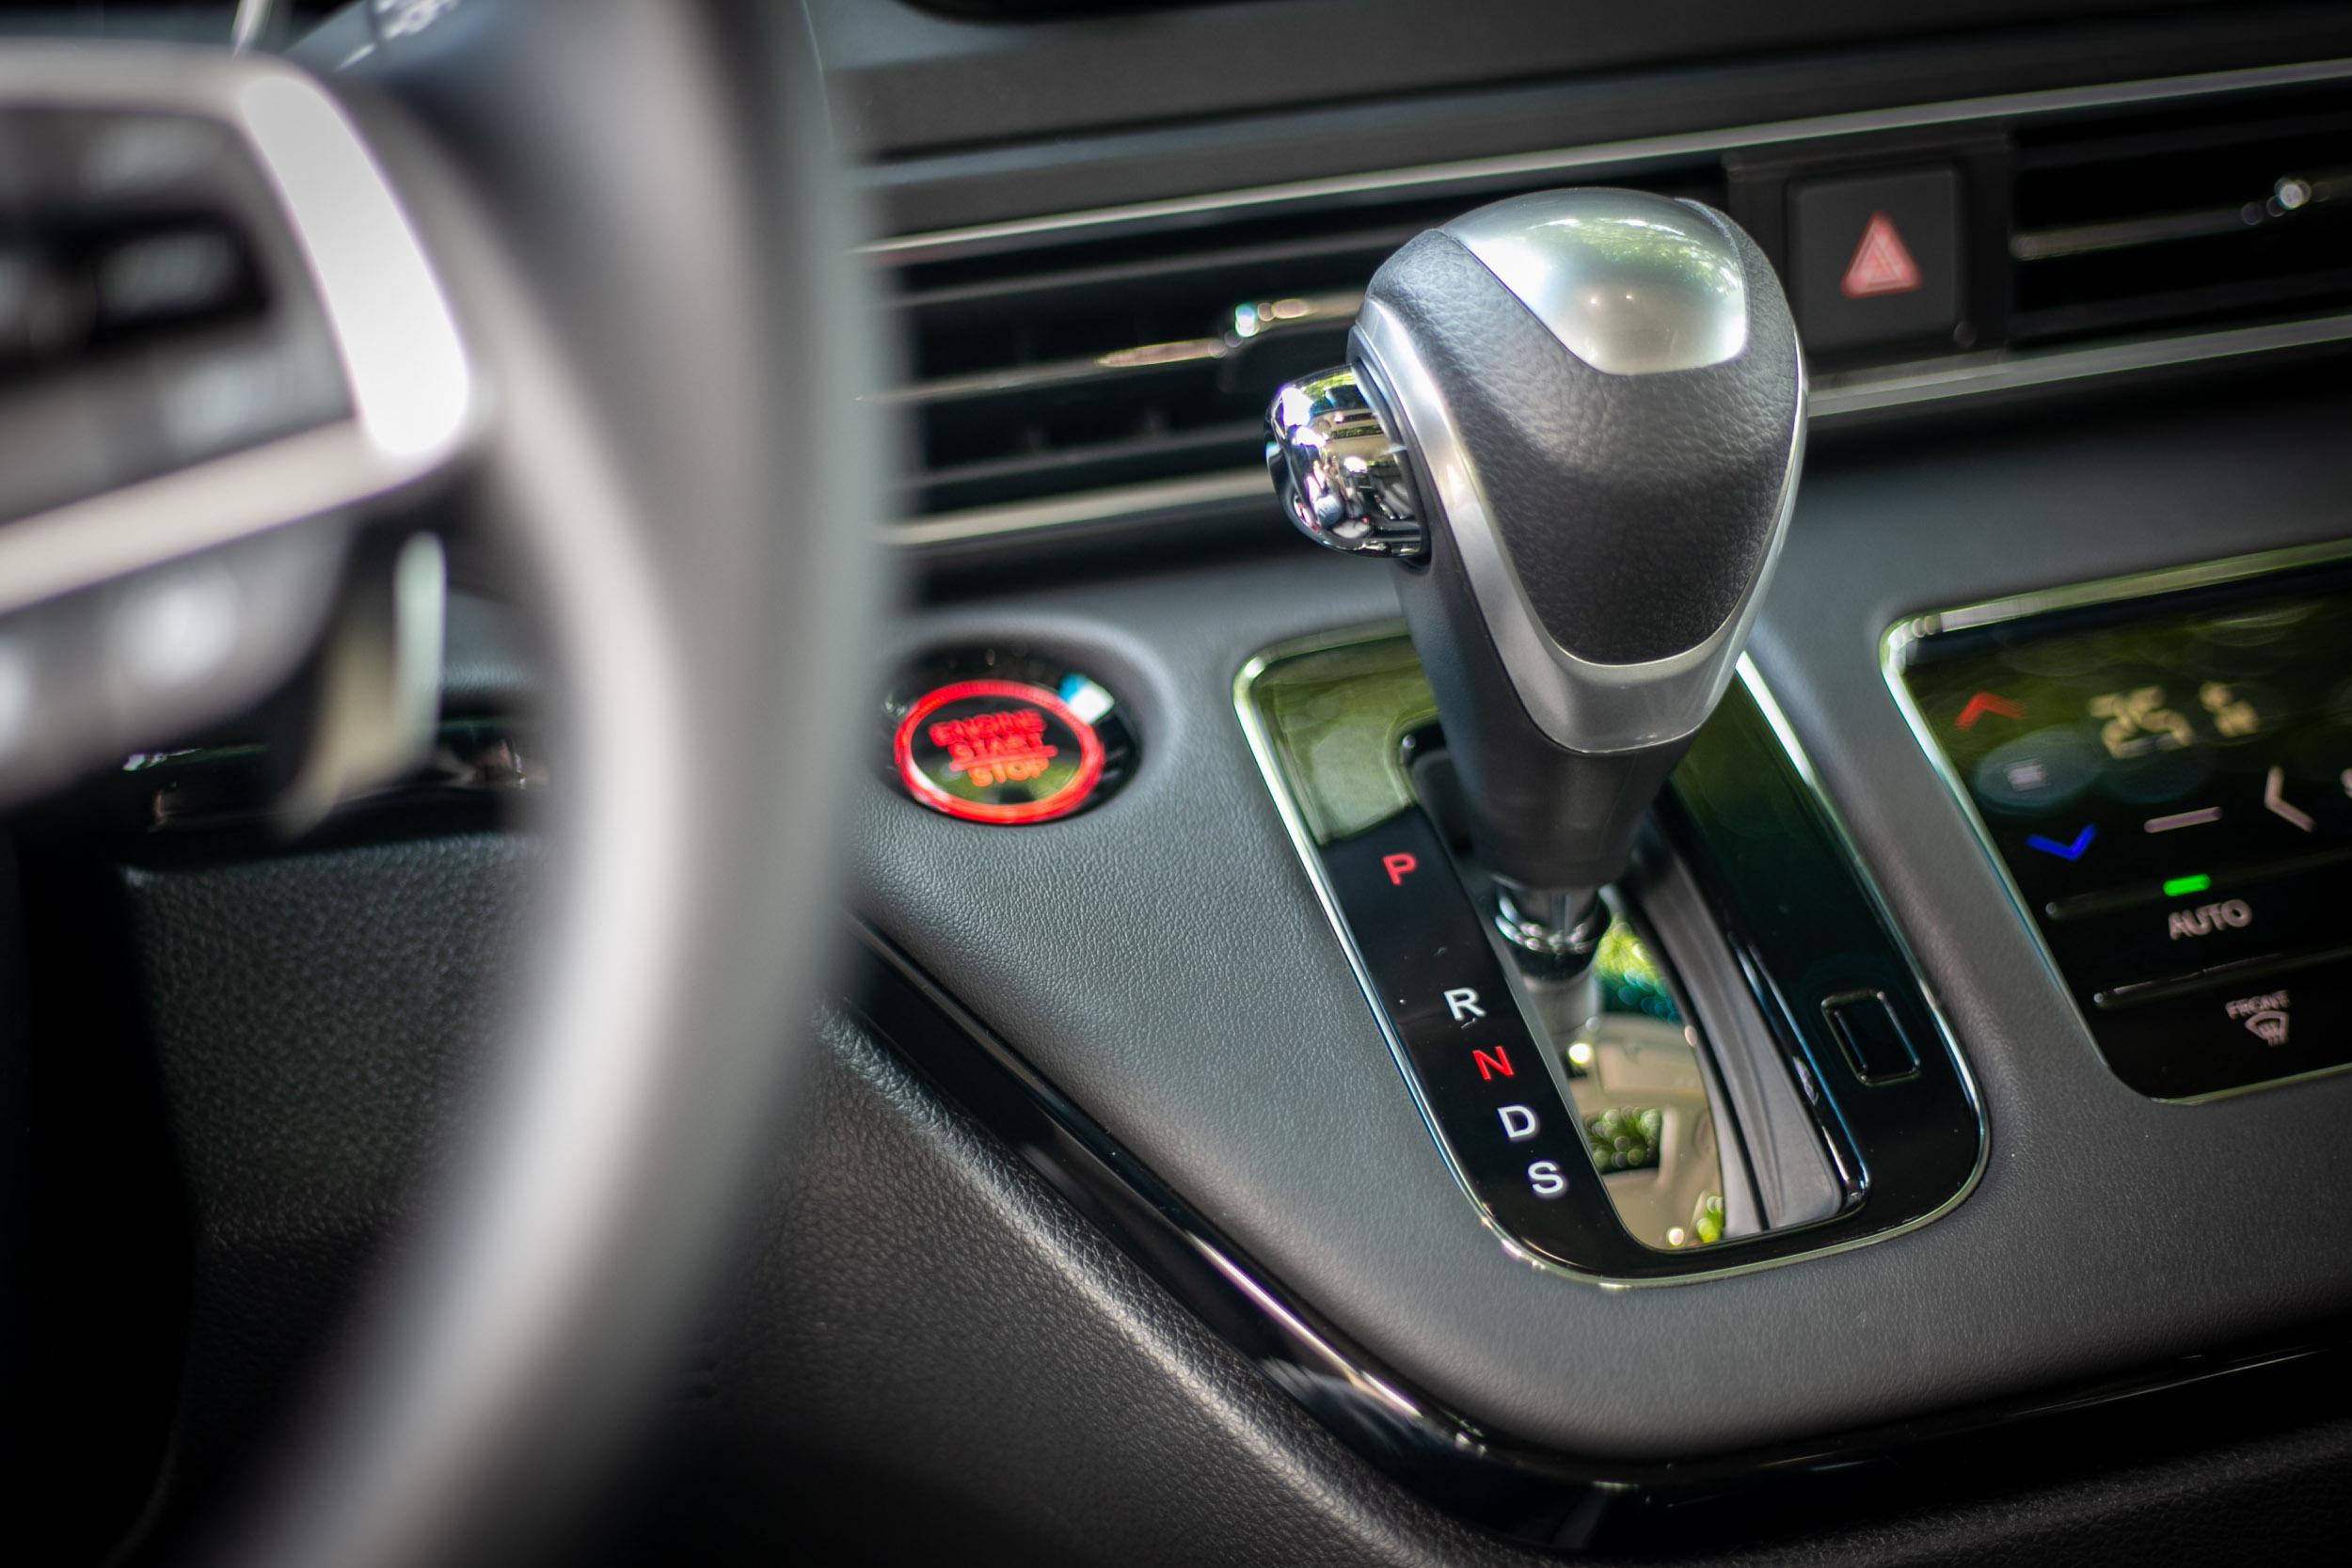 搭配 CVT 變速箱與前輪驅動配置,原廠油耗測試數據為 12.9km/L。